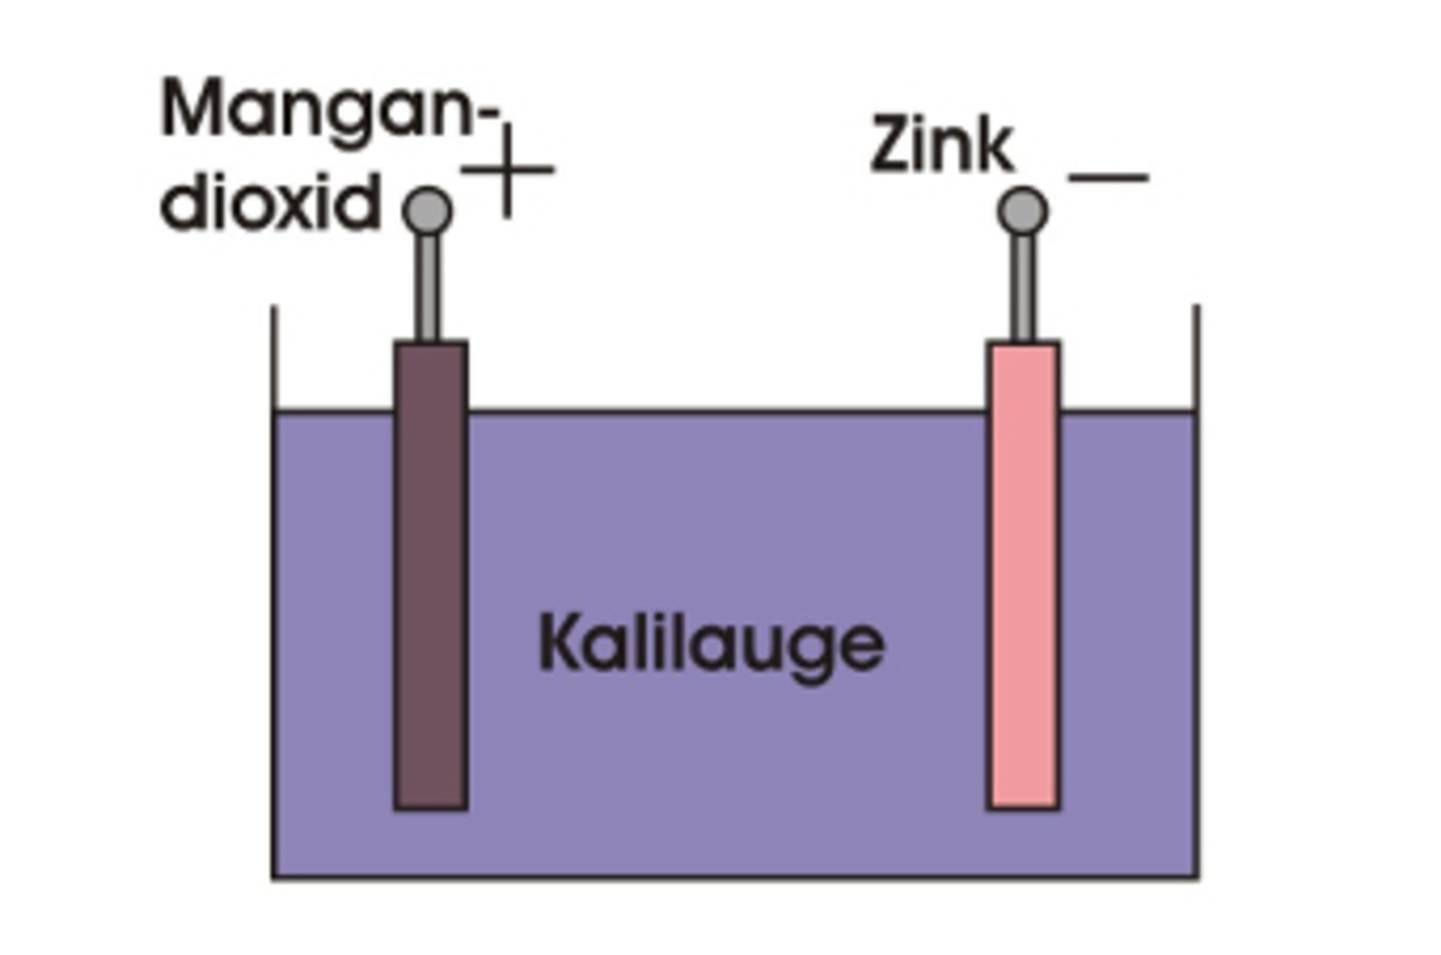 Vereinfachter Aufbau einer Alkali-Batterie